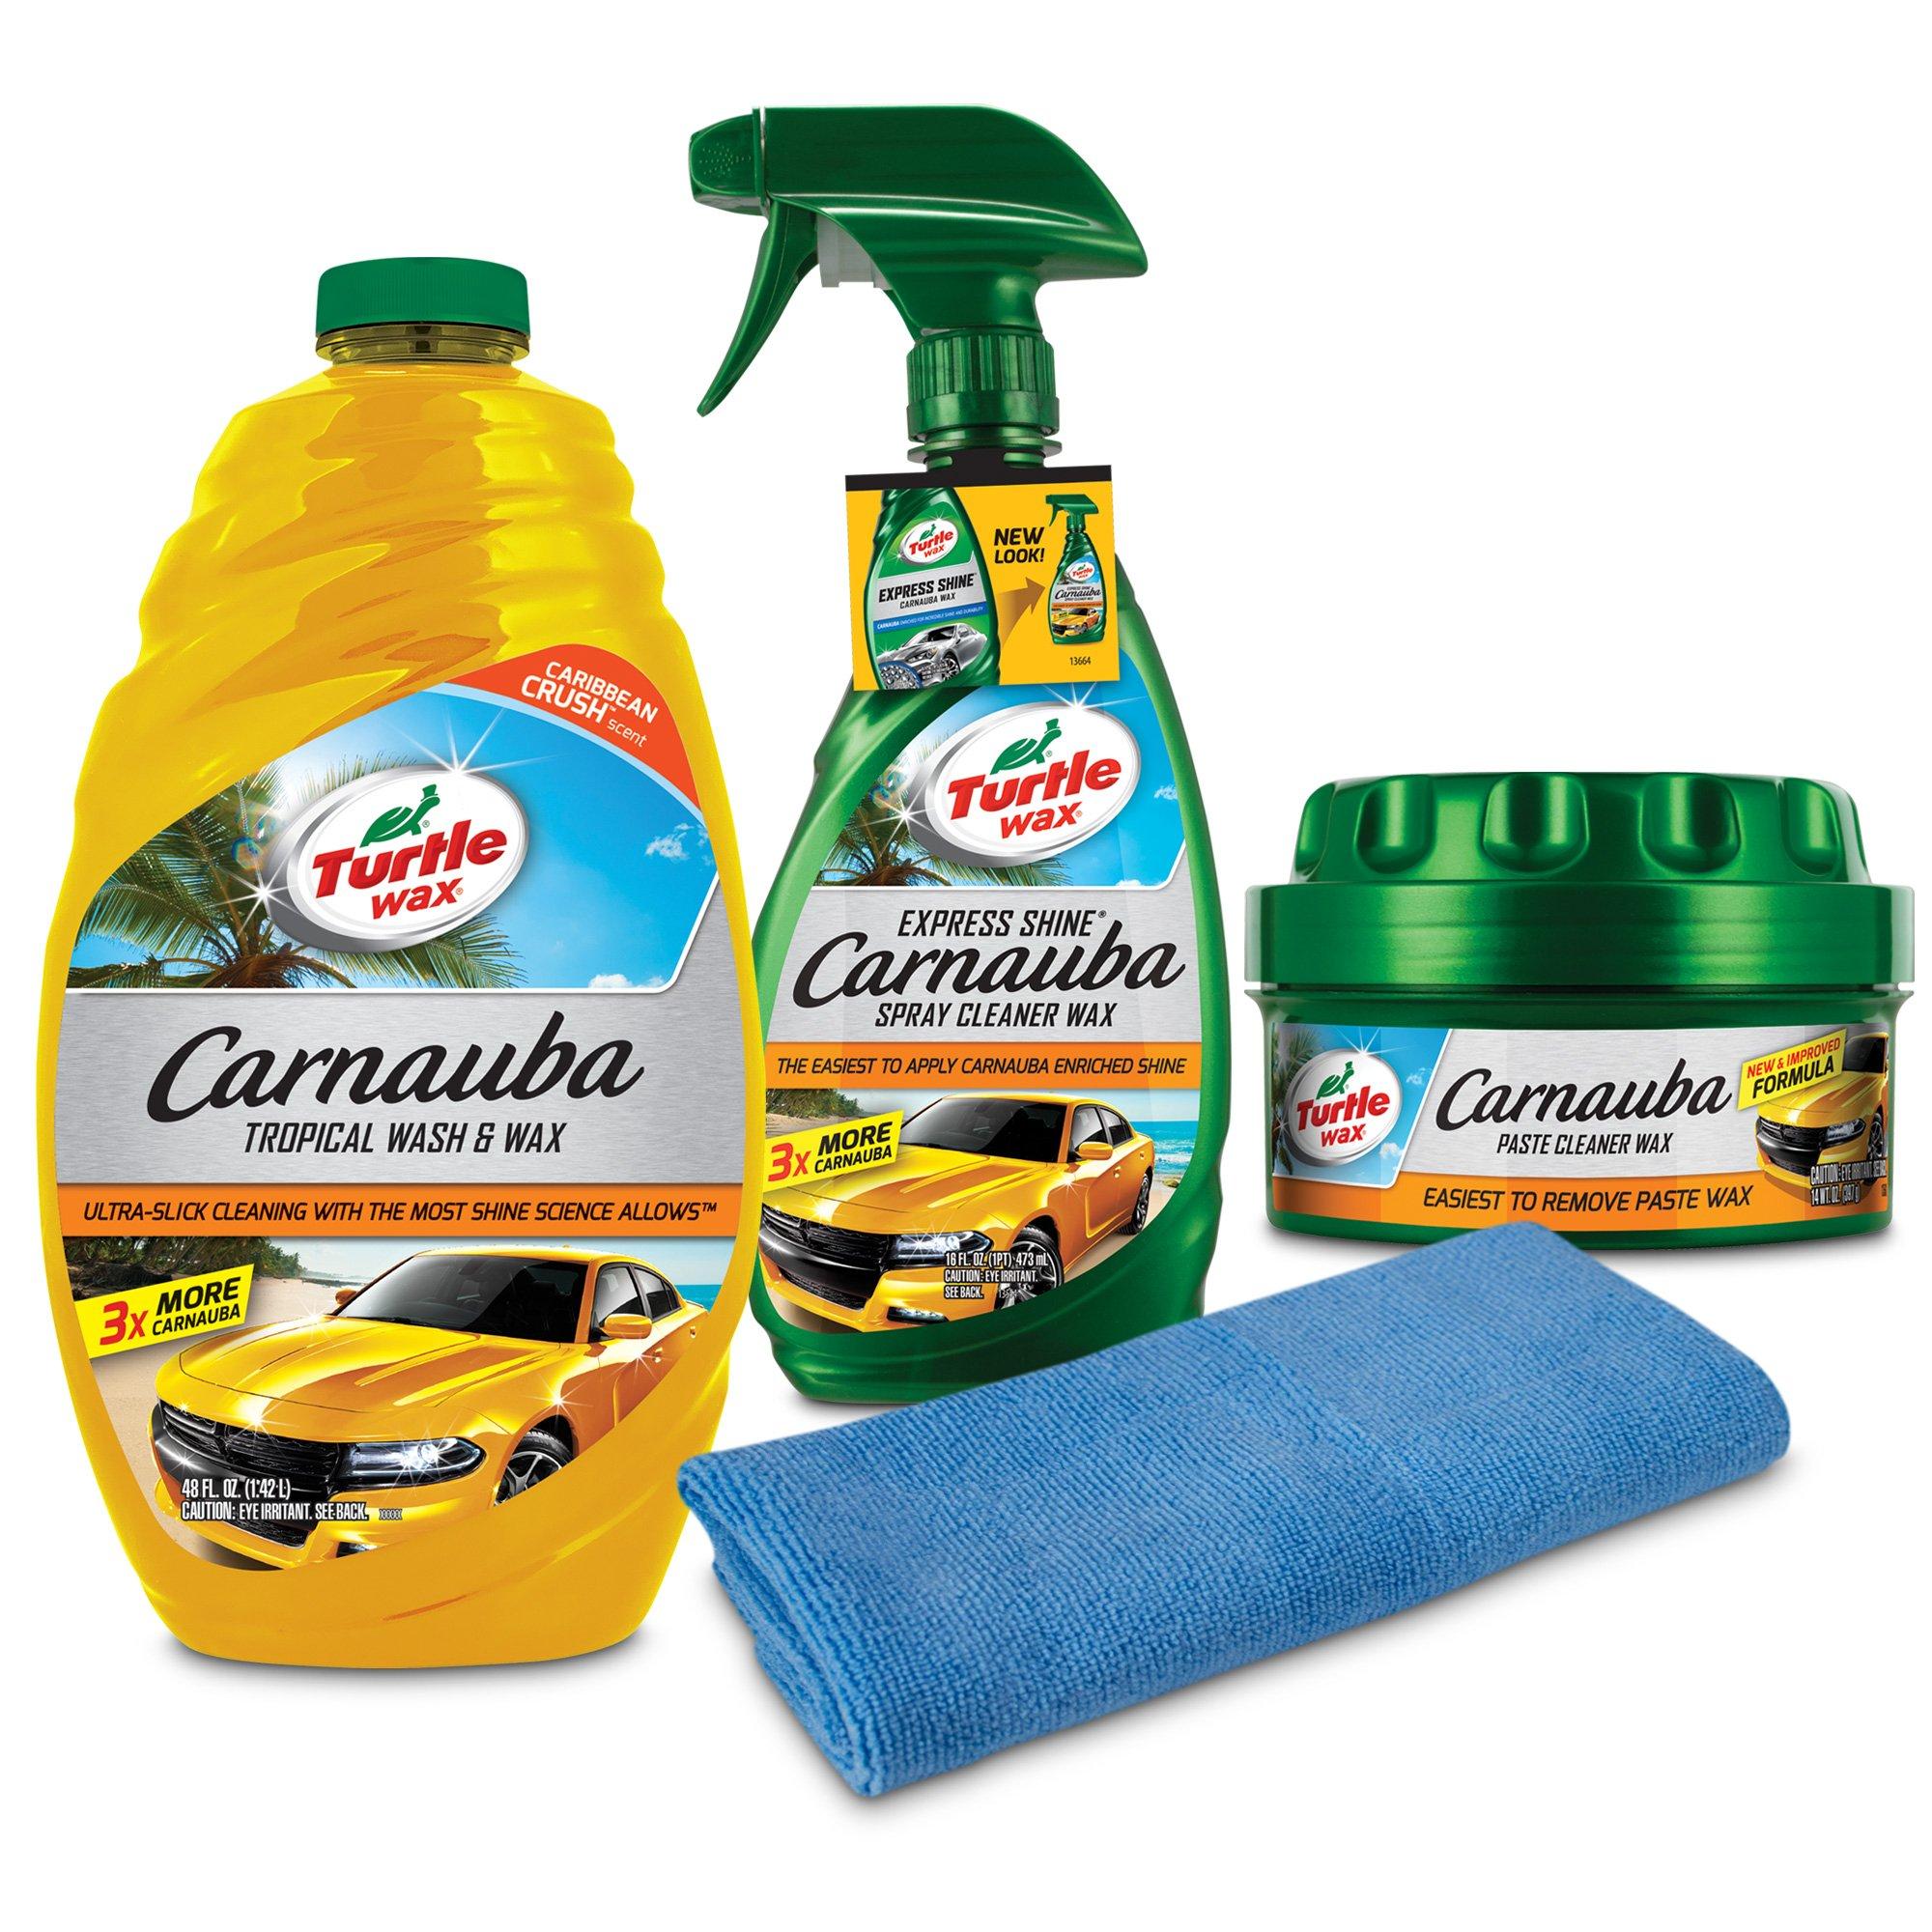 Turtle Wax 50825 Complete Carnauba Wash and Wax Kit